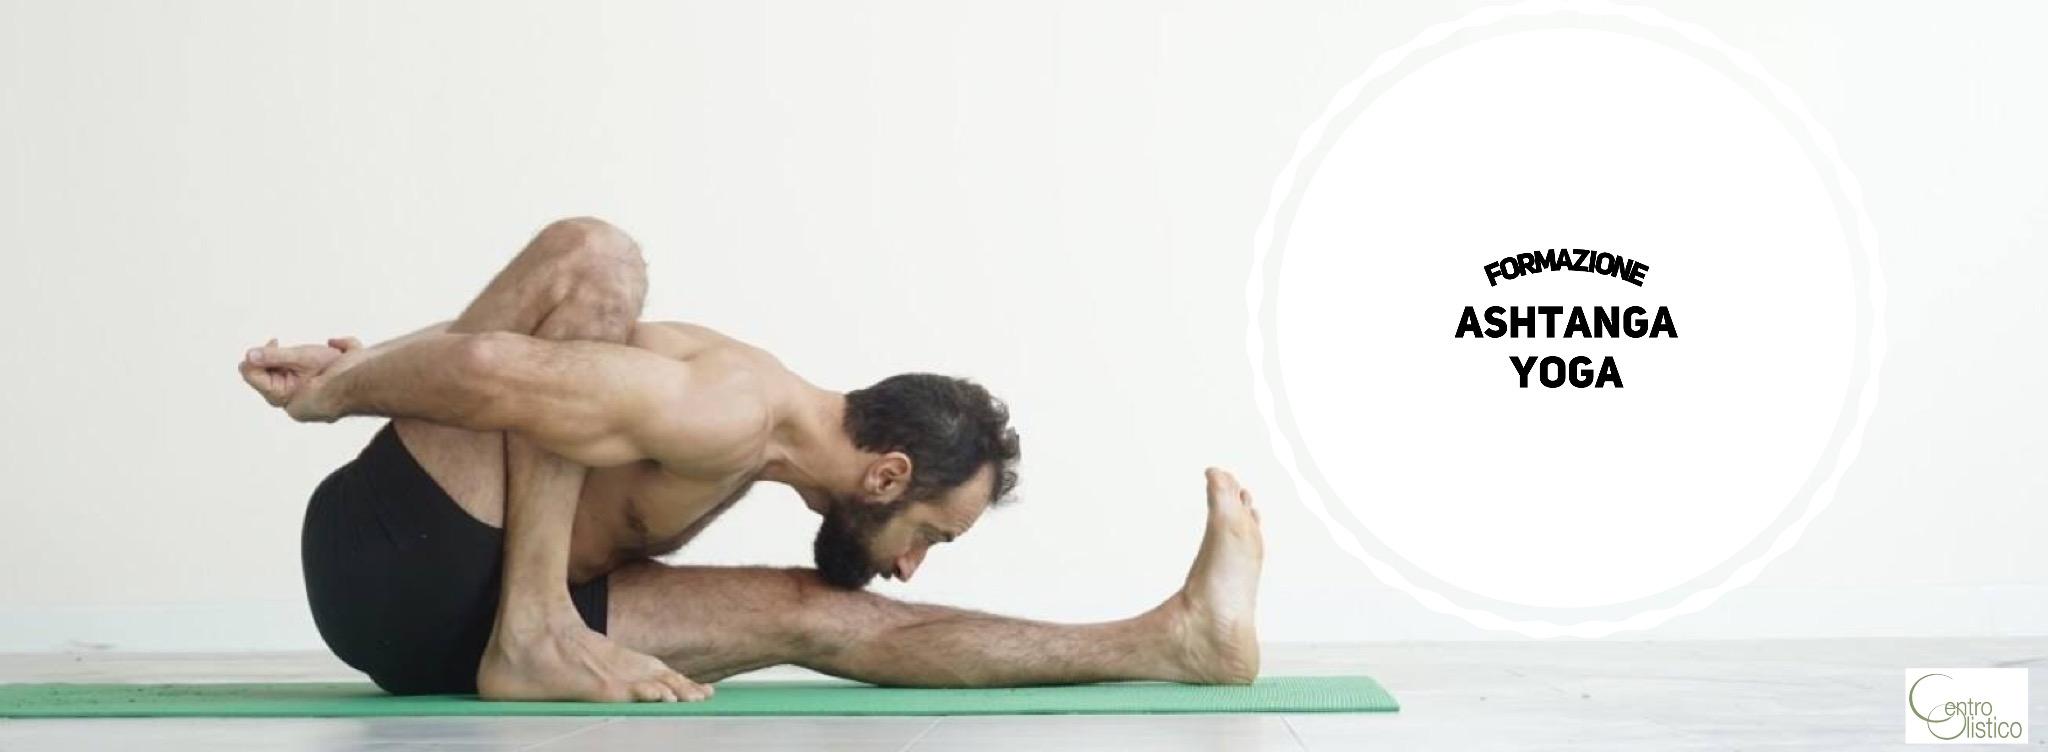 Formazione Ashtanga Yoga